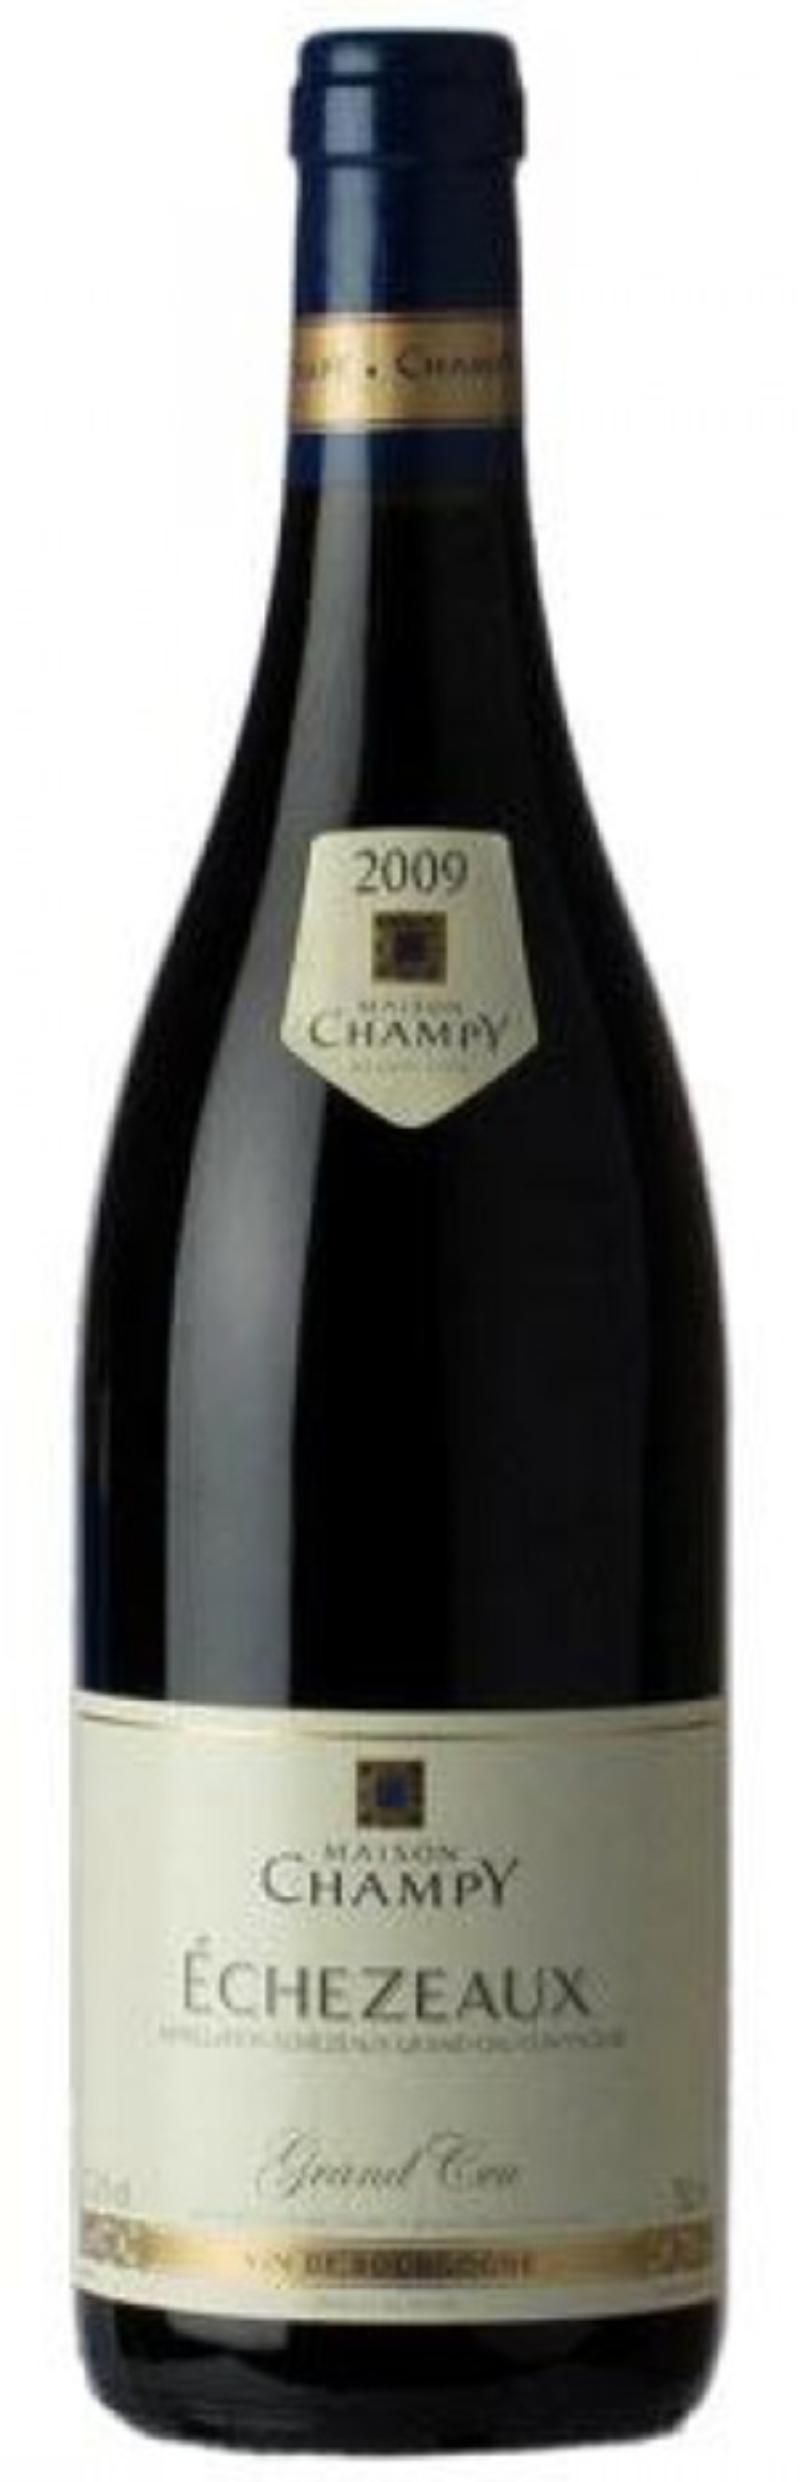 ECHEZEAUX-GRAND-CRU-CHAMPY-2007